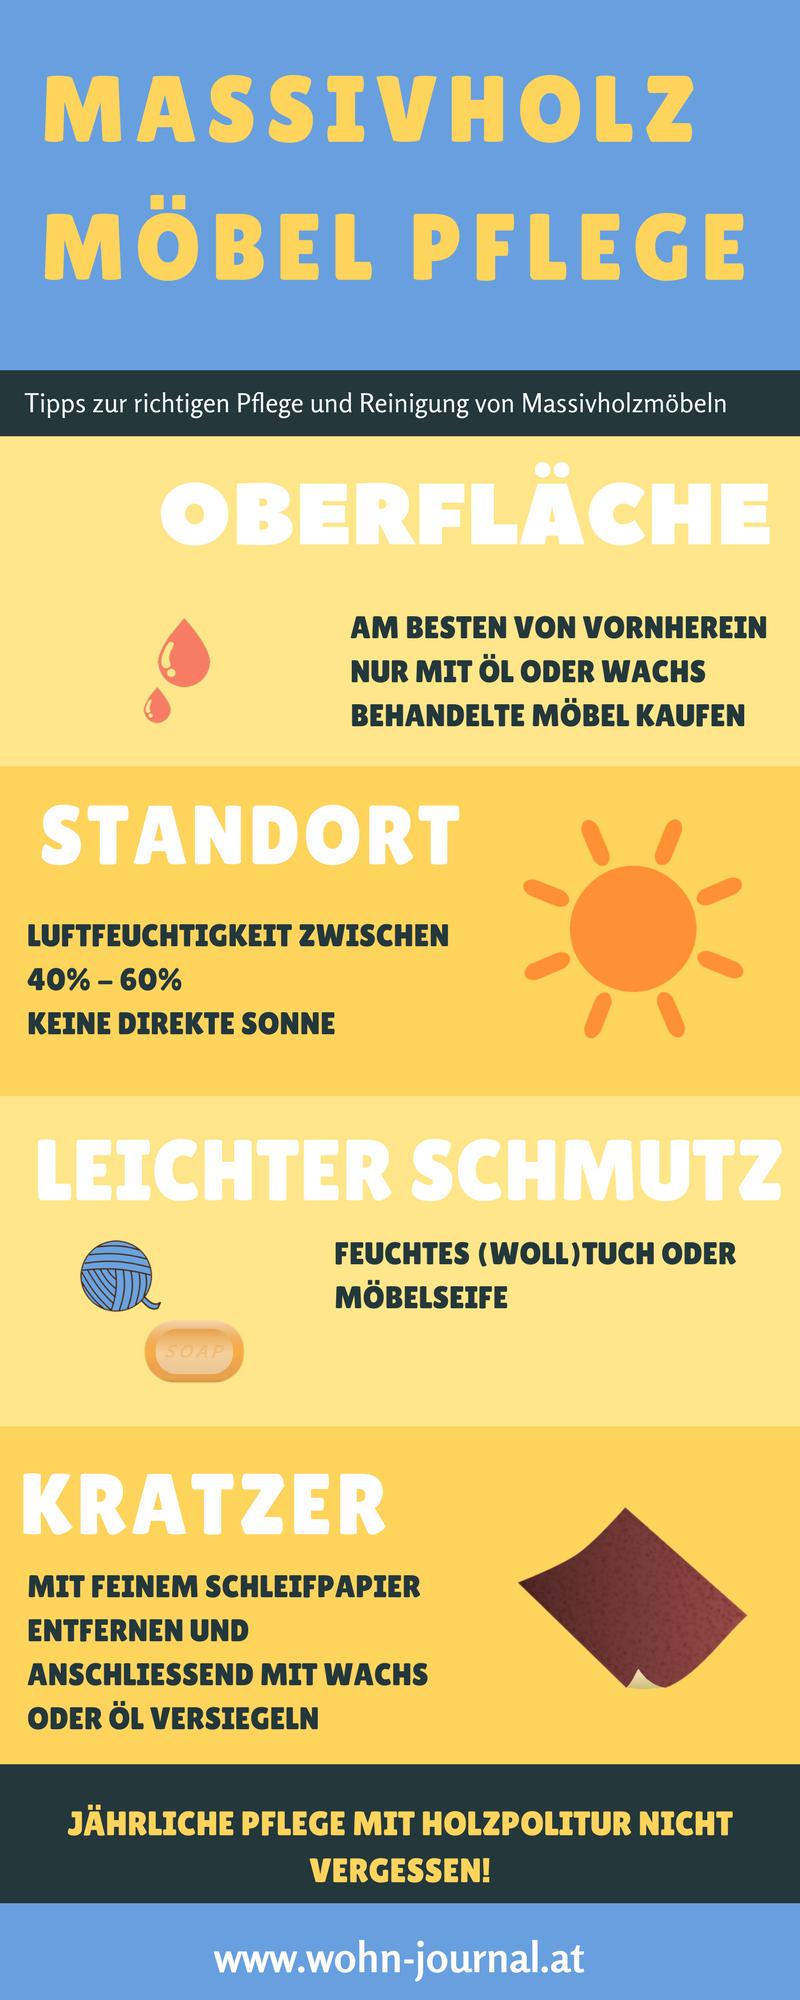 Massivholz Möbel Pflege Infografik